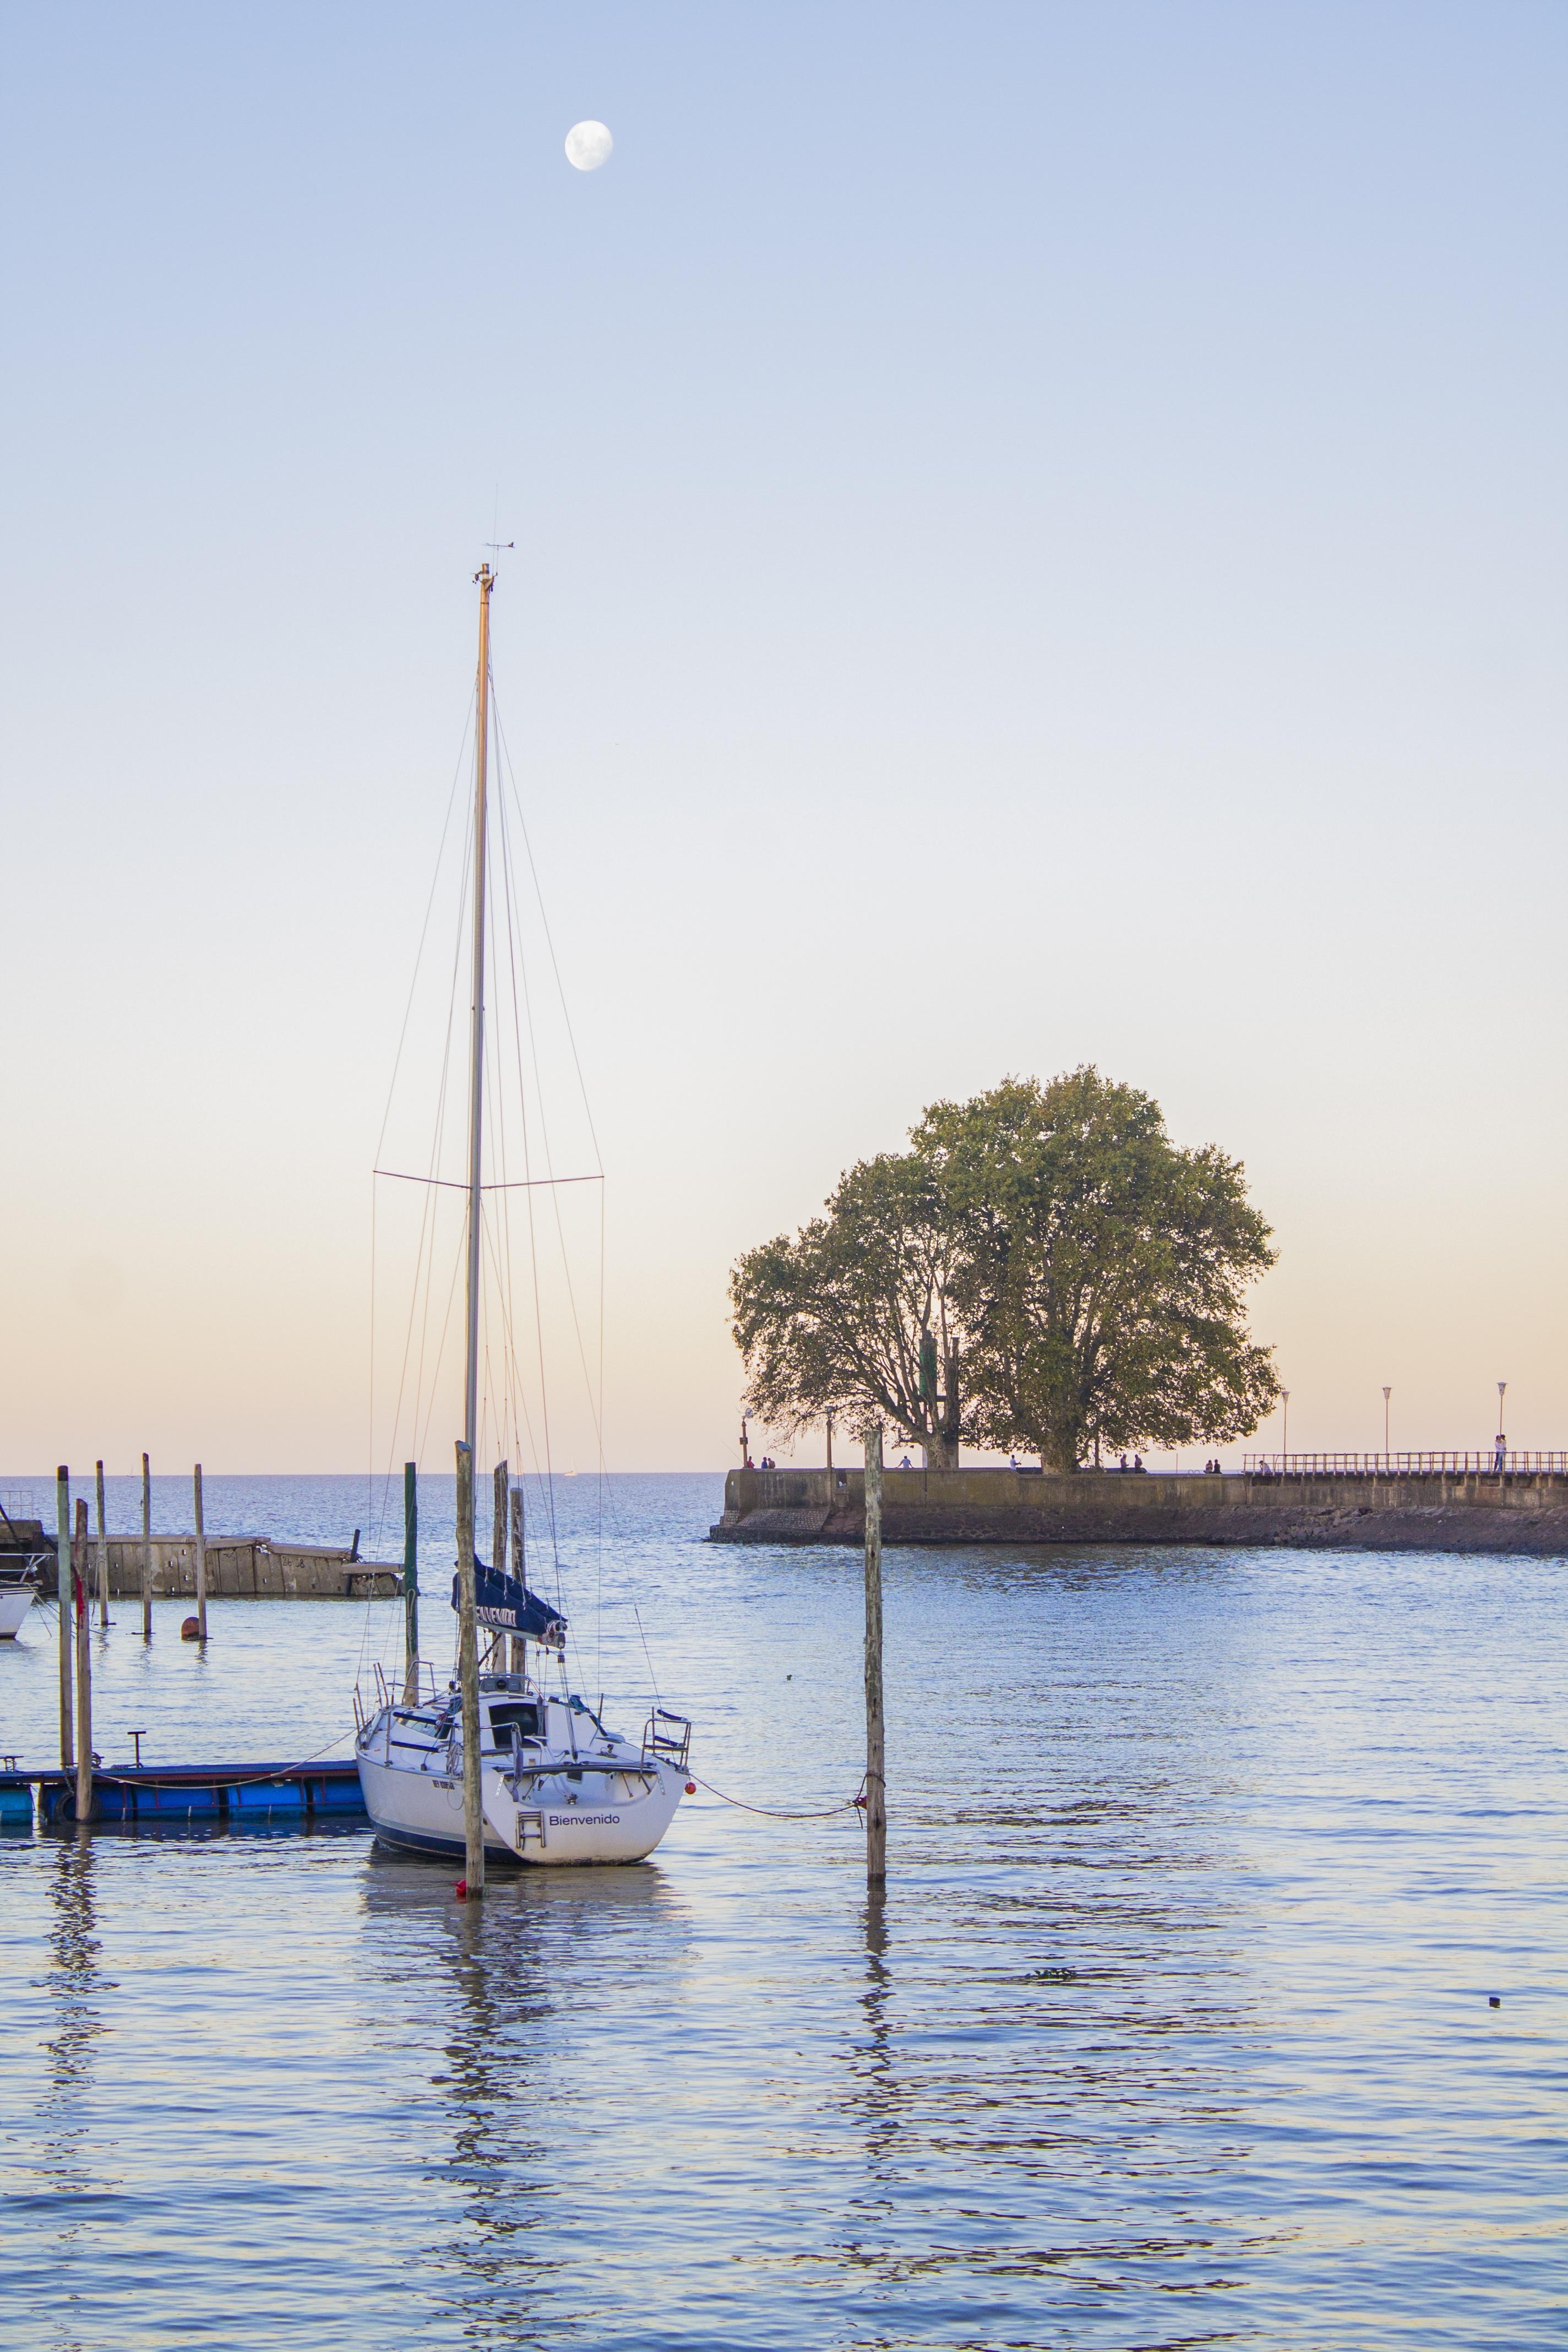 Segelschiffe auf dem meer sonnenuntergang  Kostenlose foto : Landschaft, Meer, Baum, Wasser, Natur, Dock ...